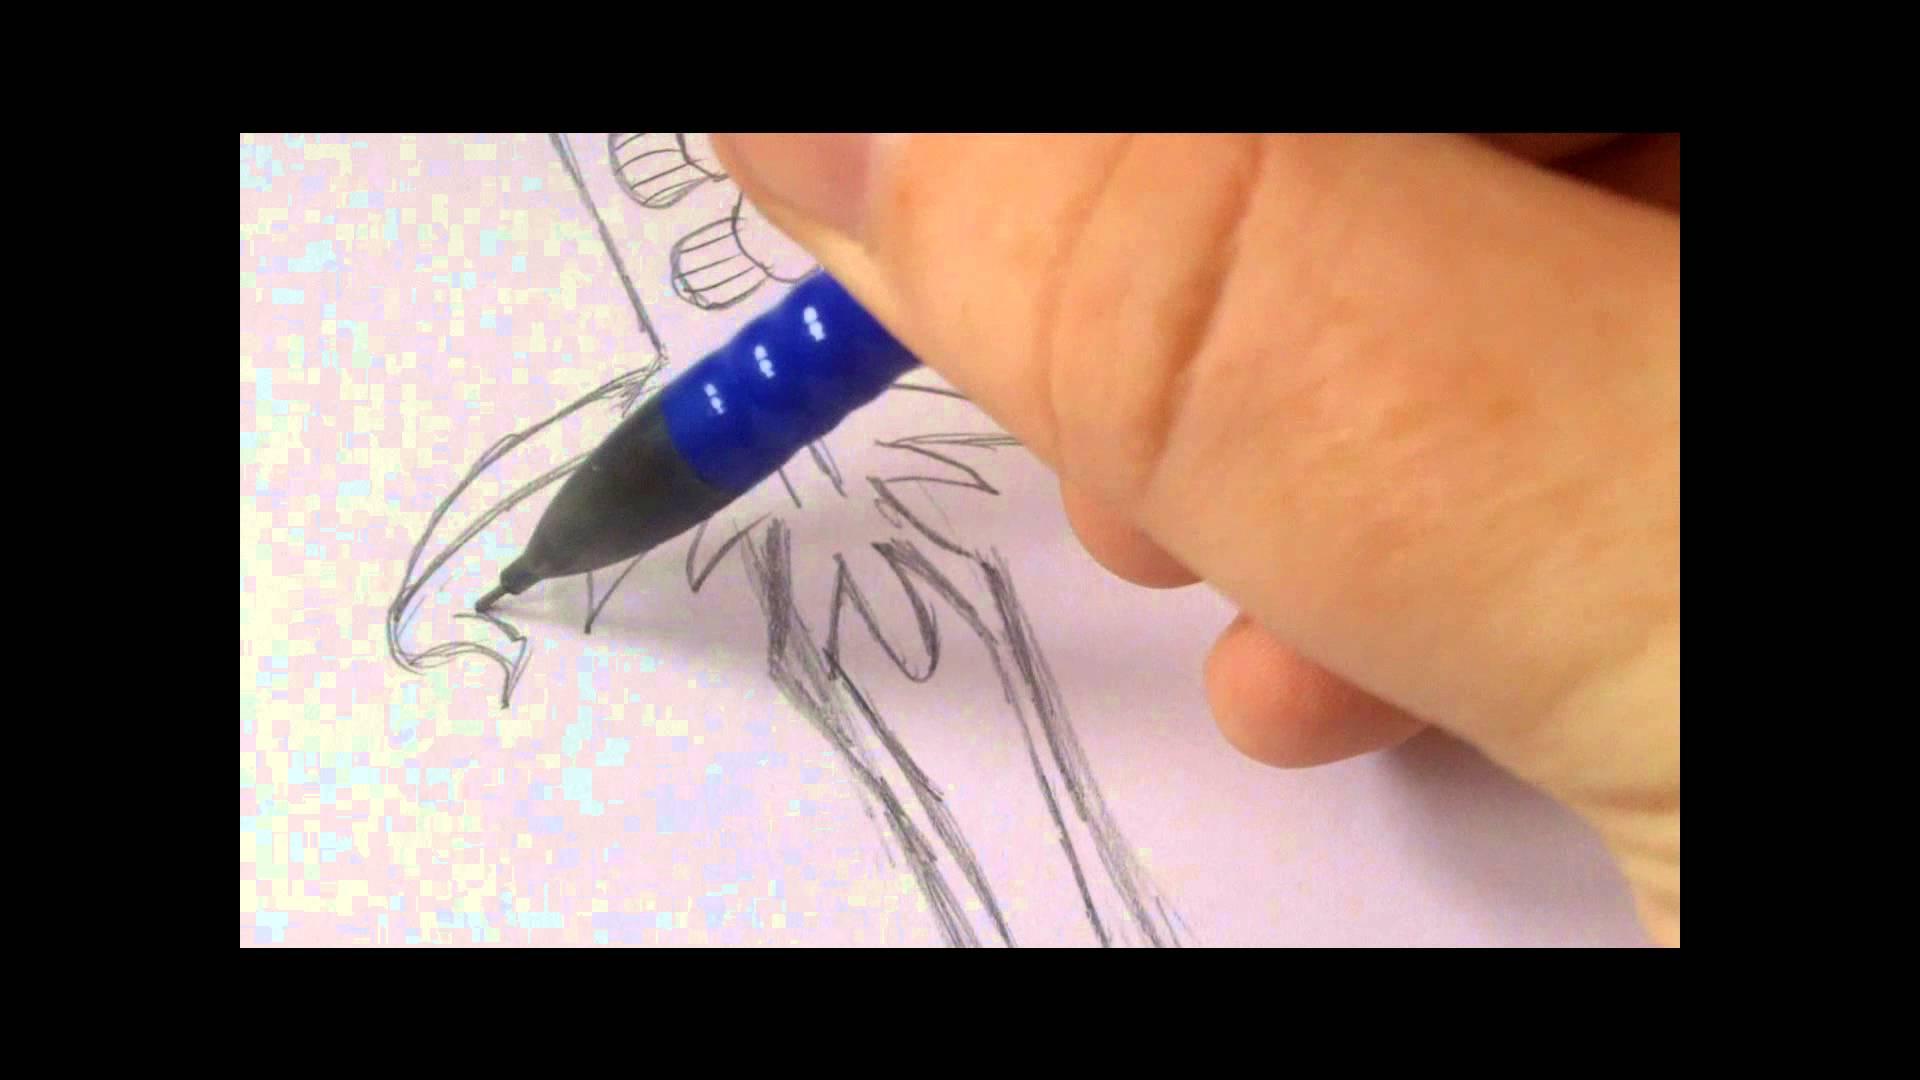 Drawn weapon awsome Swords YouTube To To Draw